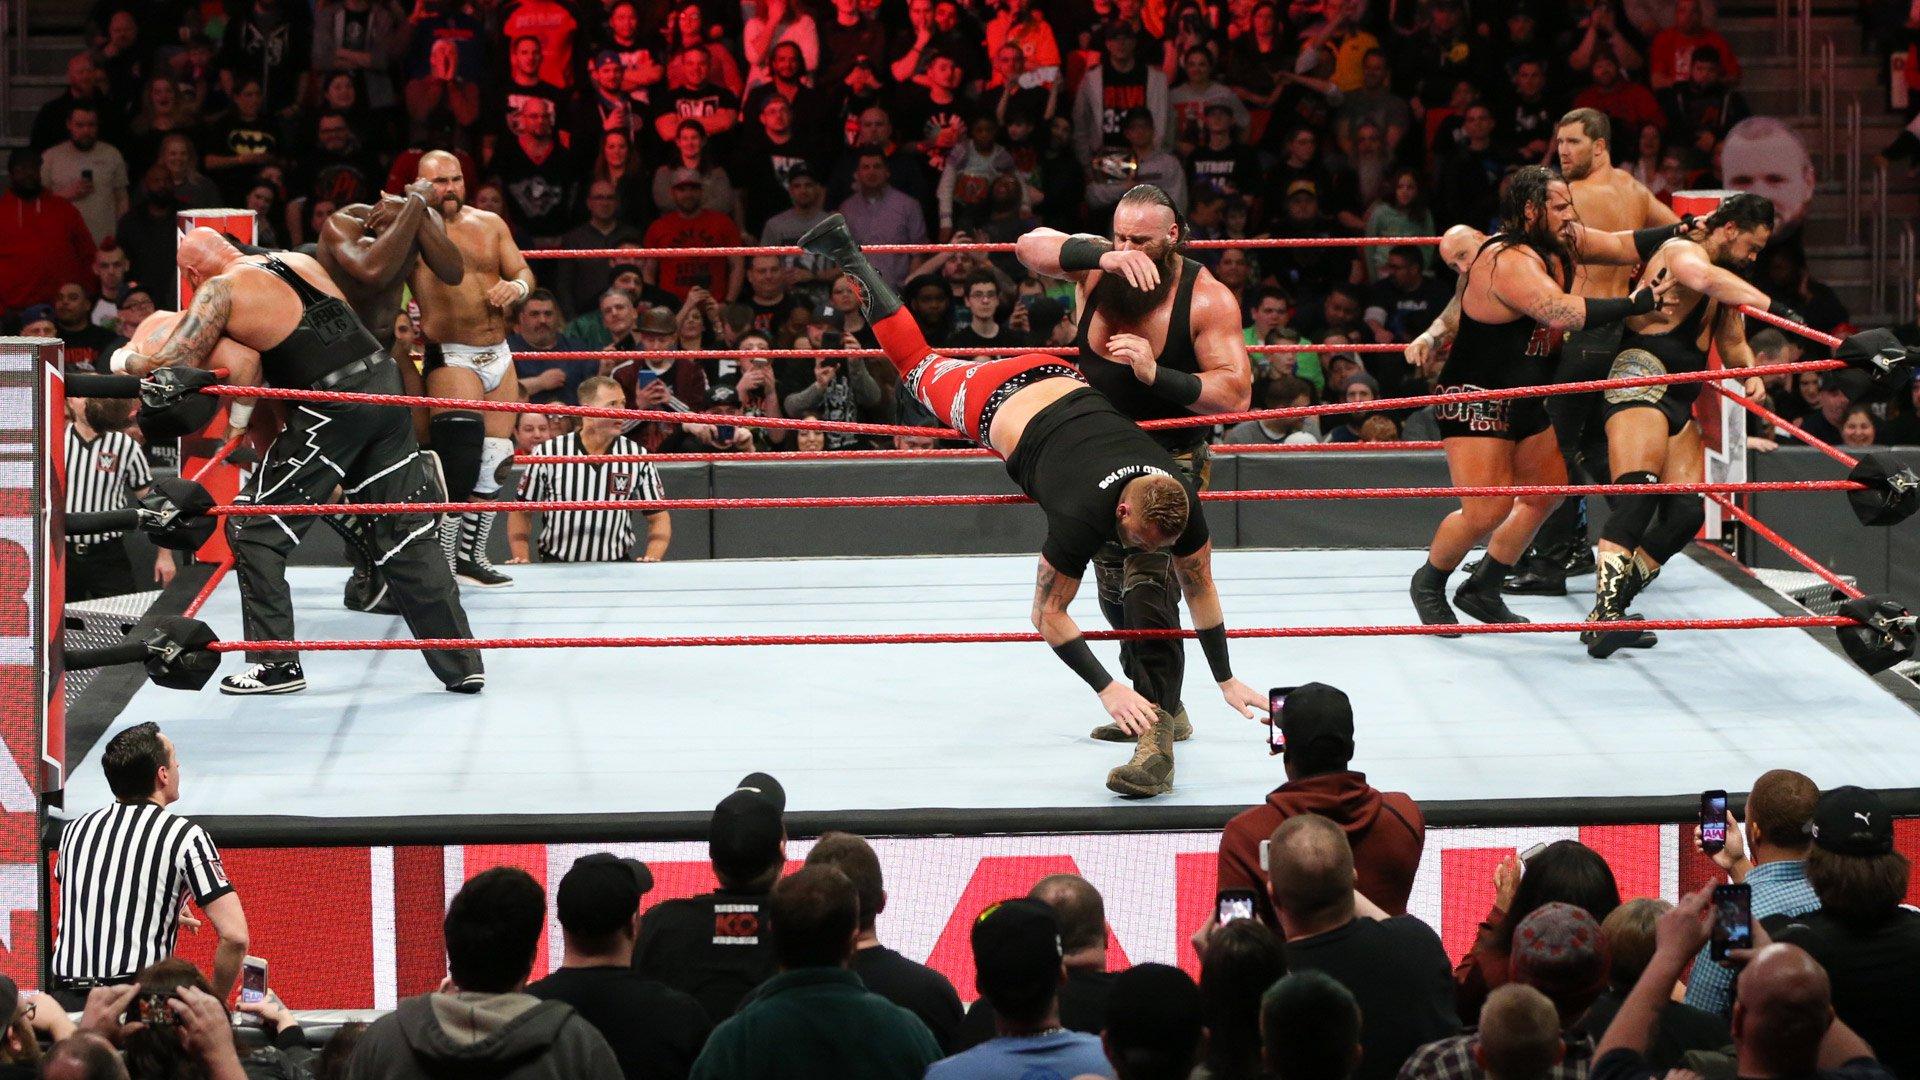 Bataille Royale par Équipes - Les Vainqueurs affronteront Sheamus & Cesaro pour les Titres par Équipes de Raw à WrestleMania: Raw, 12 Mars 2018.